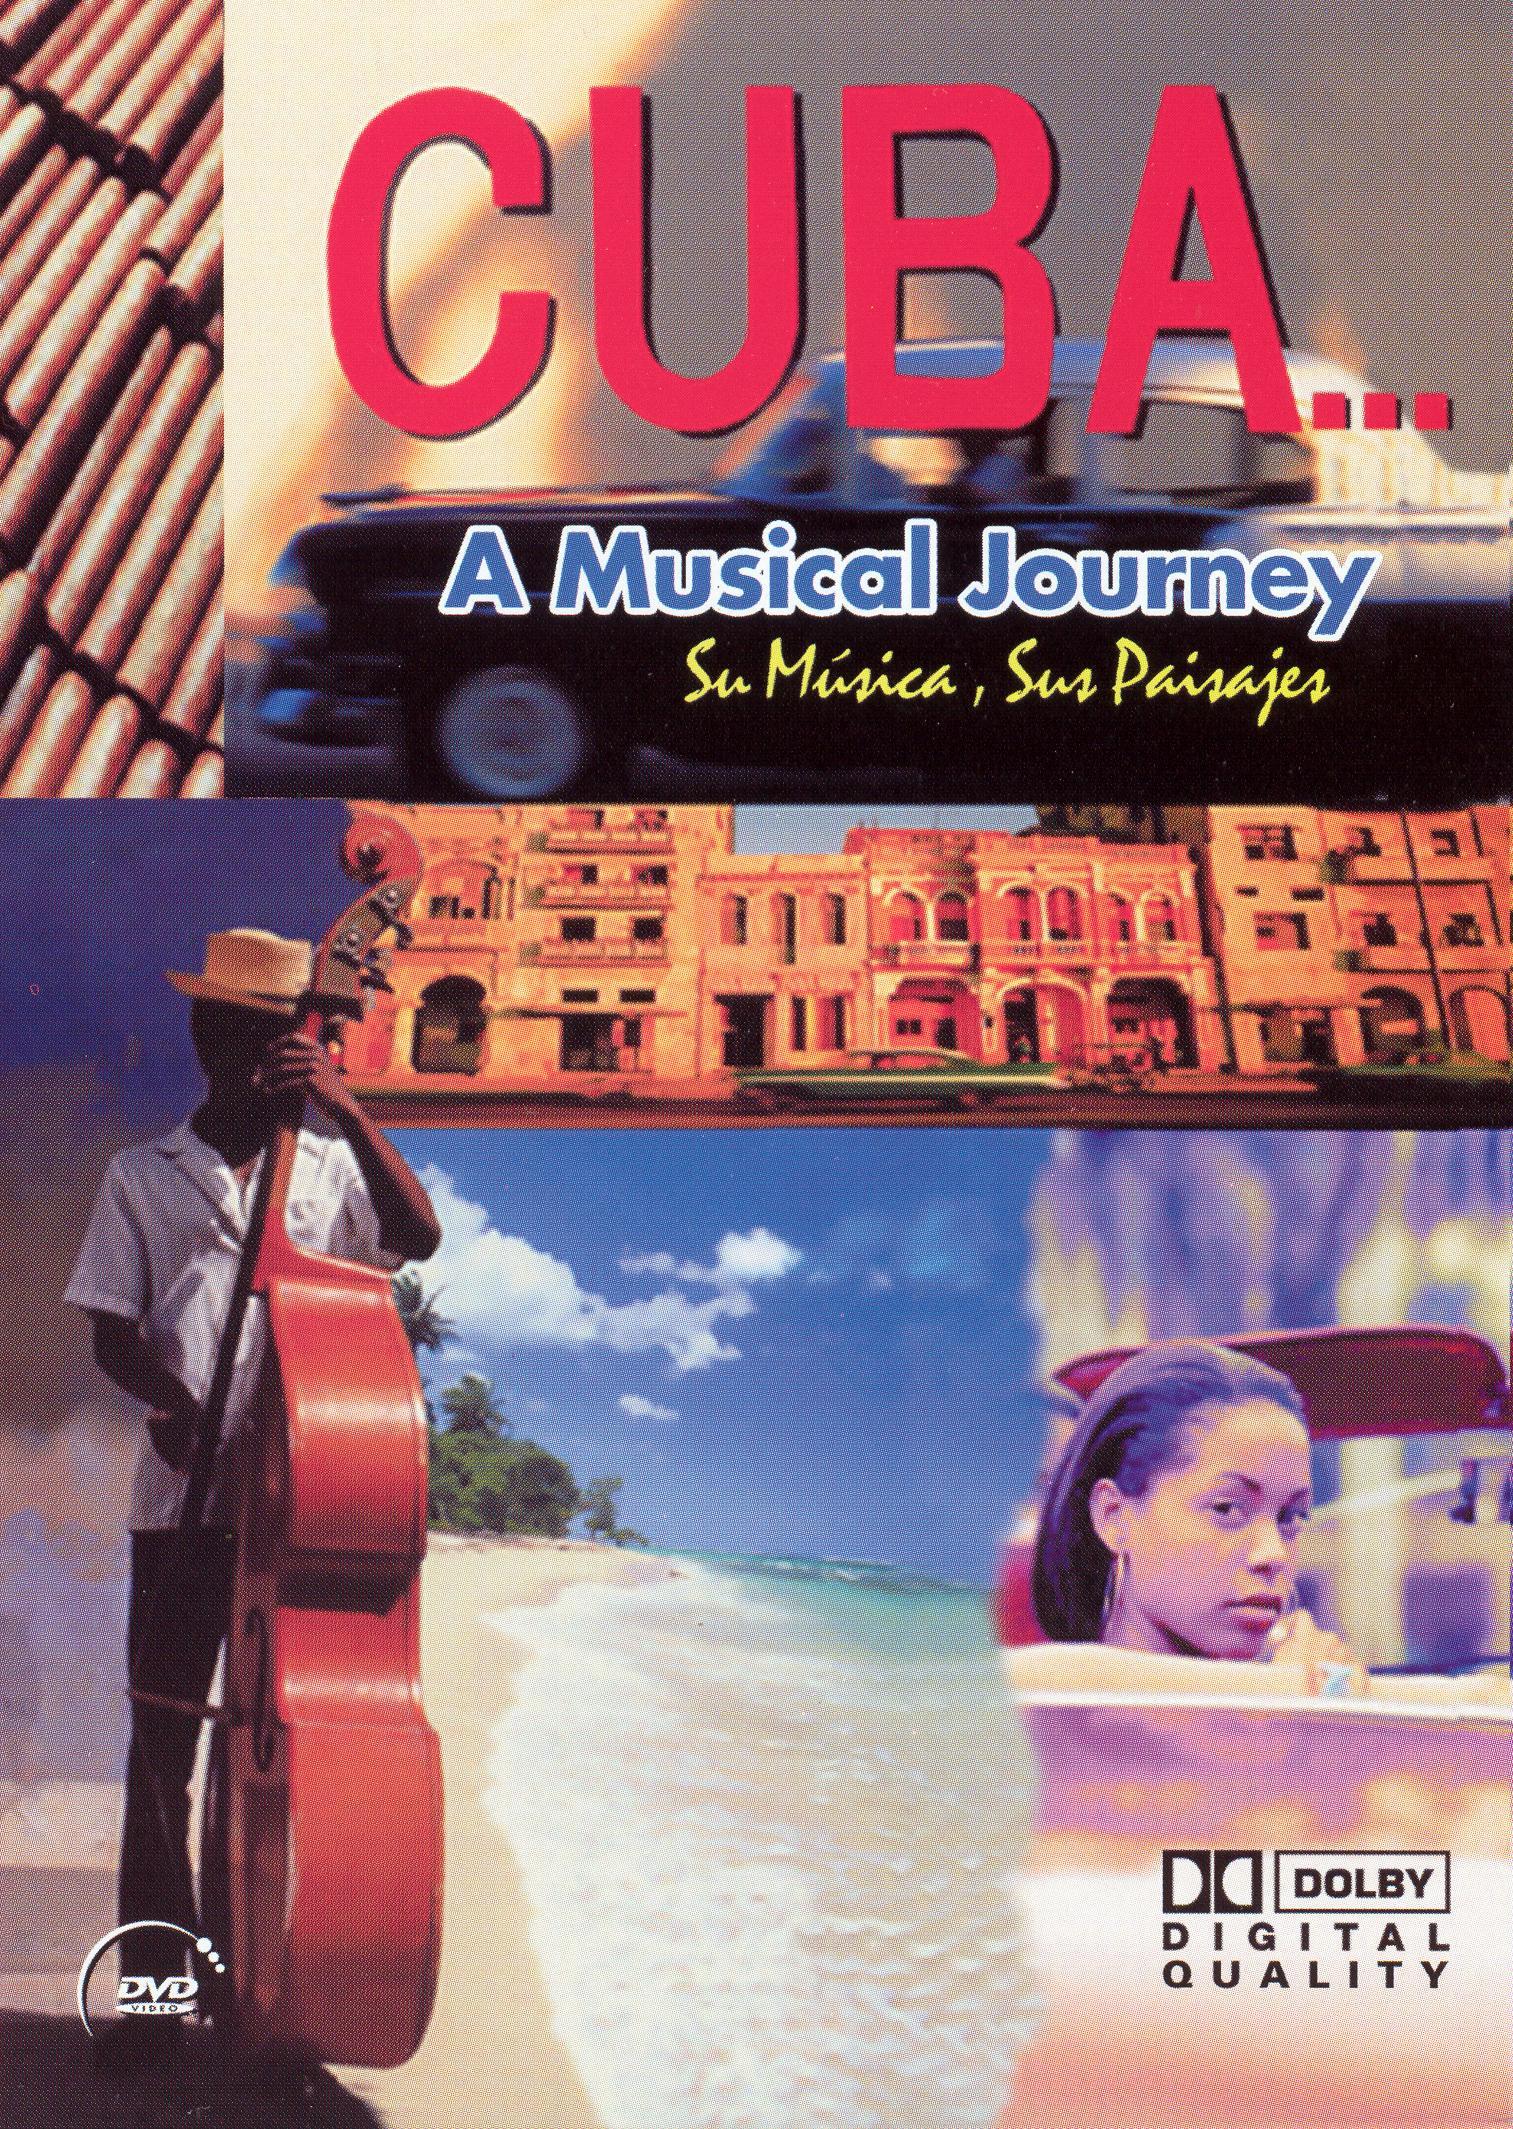 Cuba... A Musical Journey